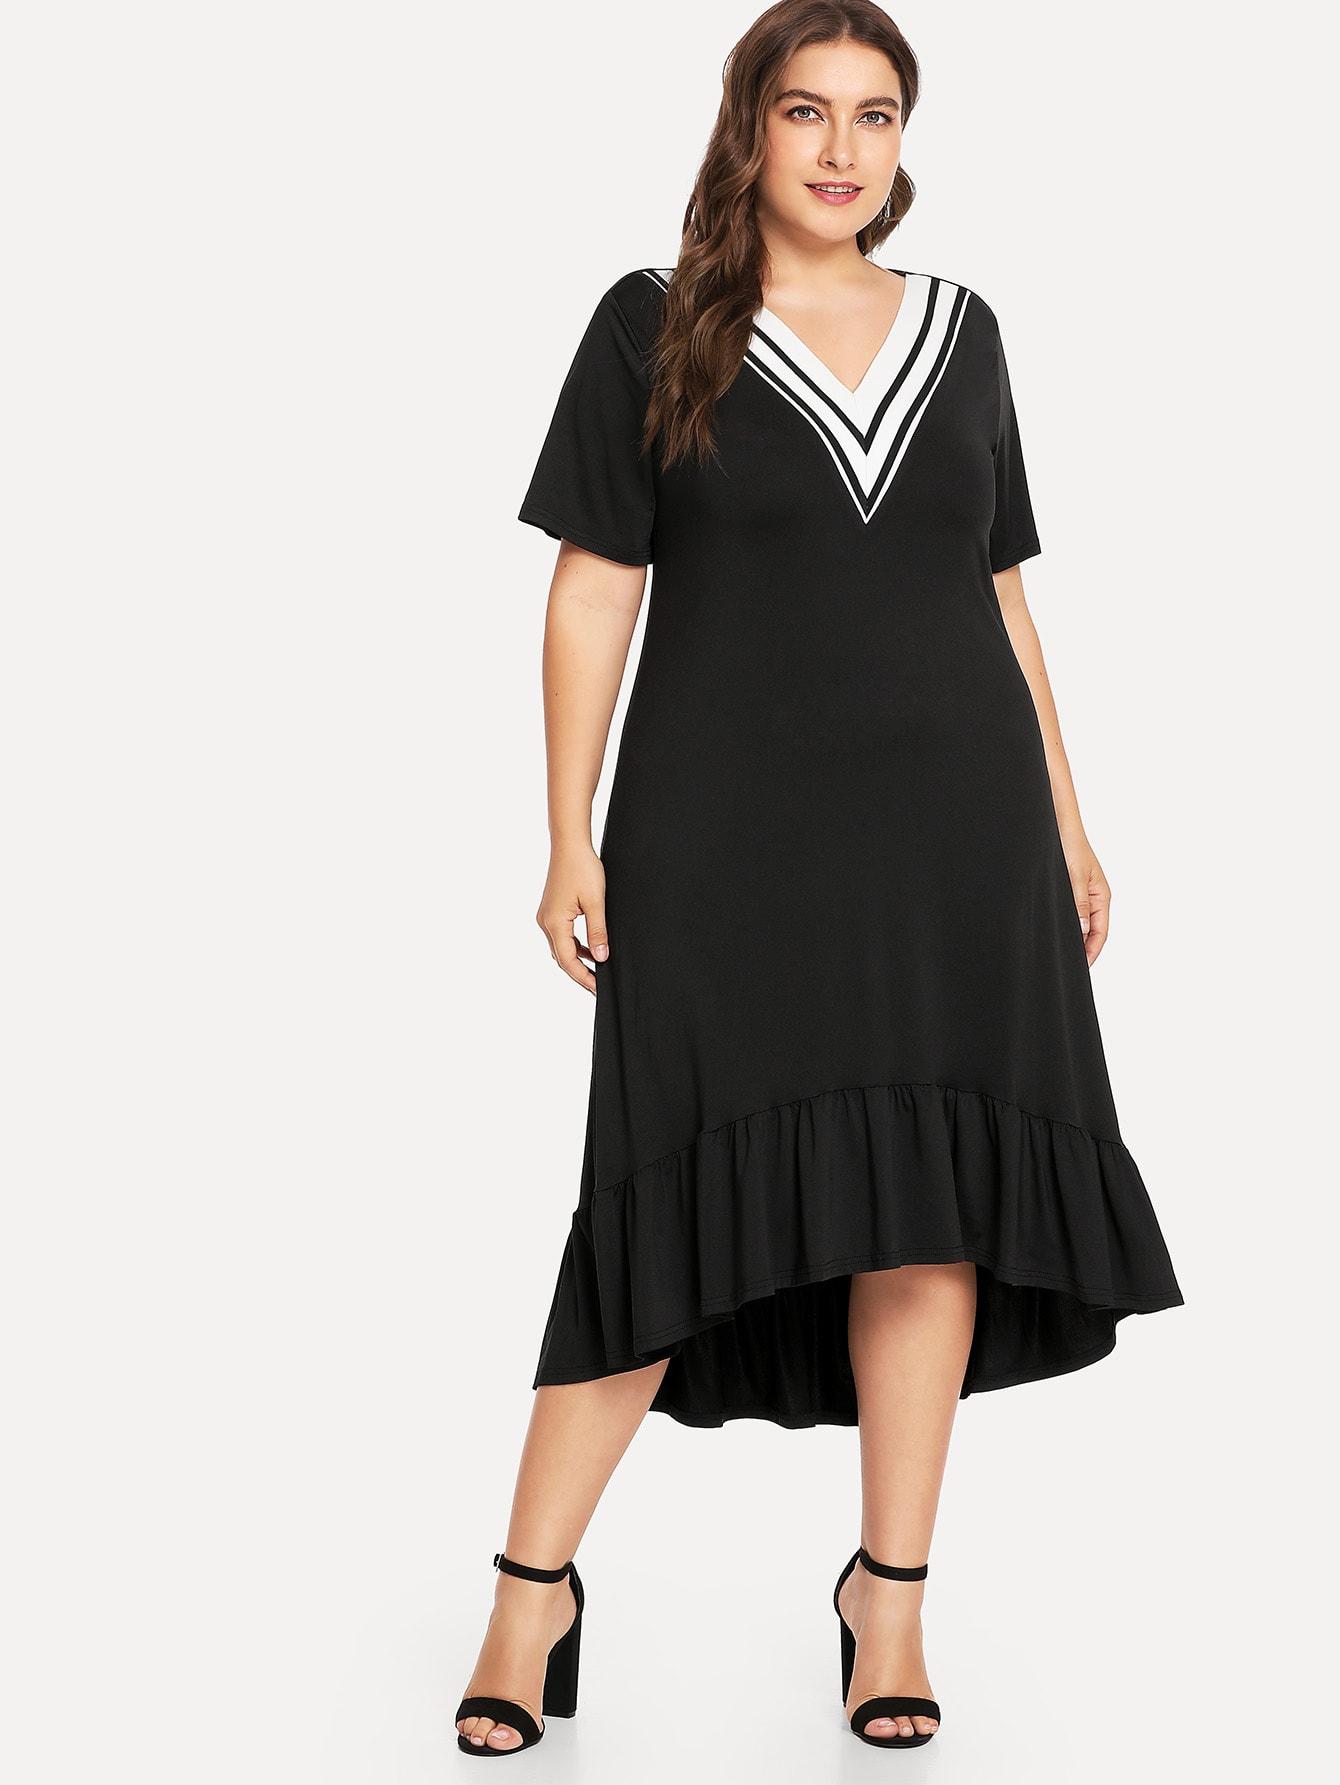 Купить Полосатое платье с V-образном вырезом и подол с розеткой, Franziska, SheIn